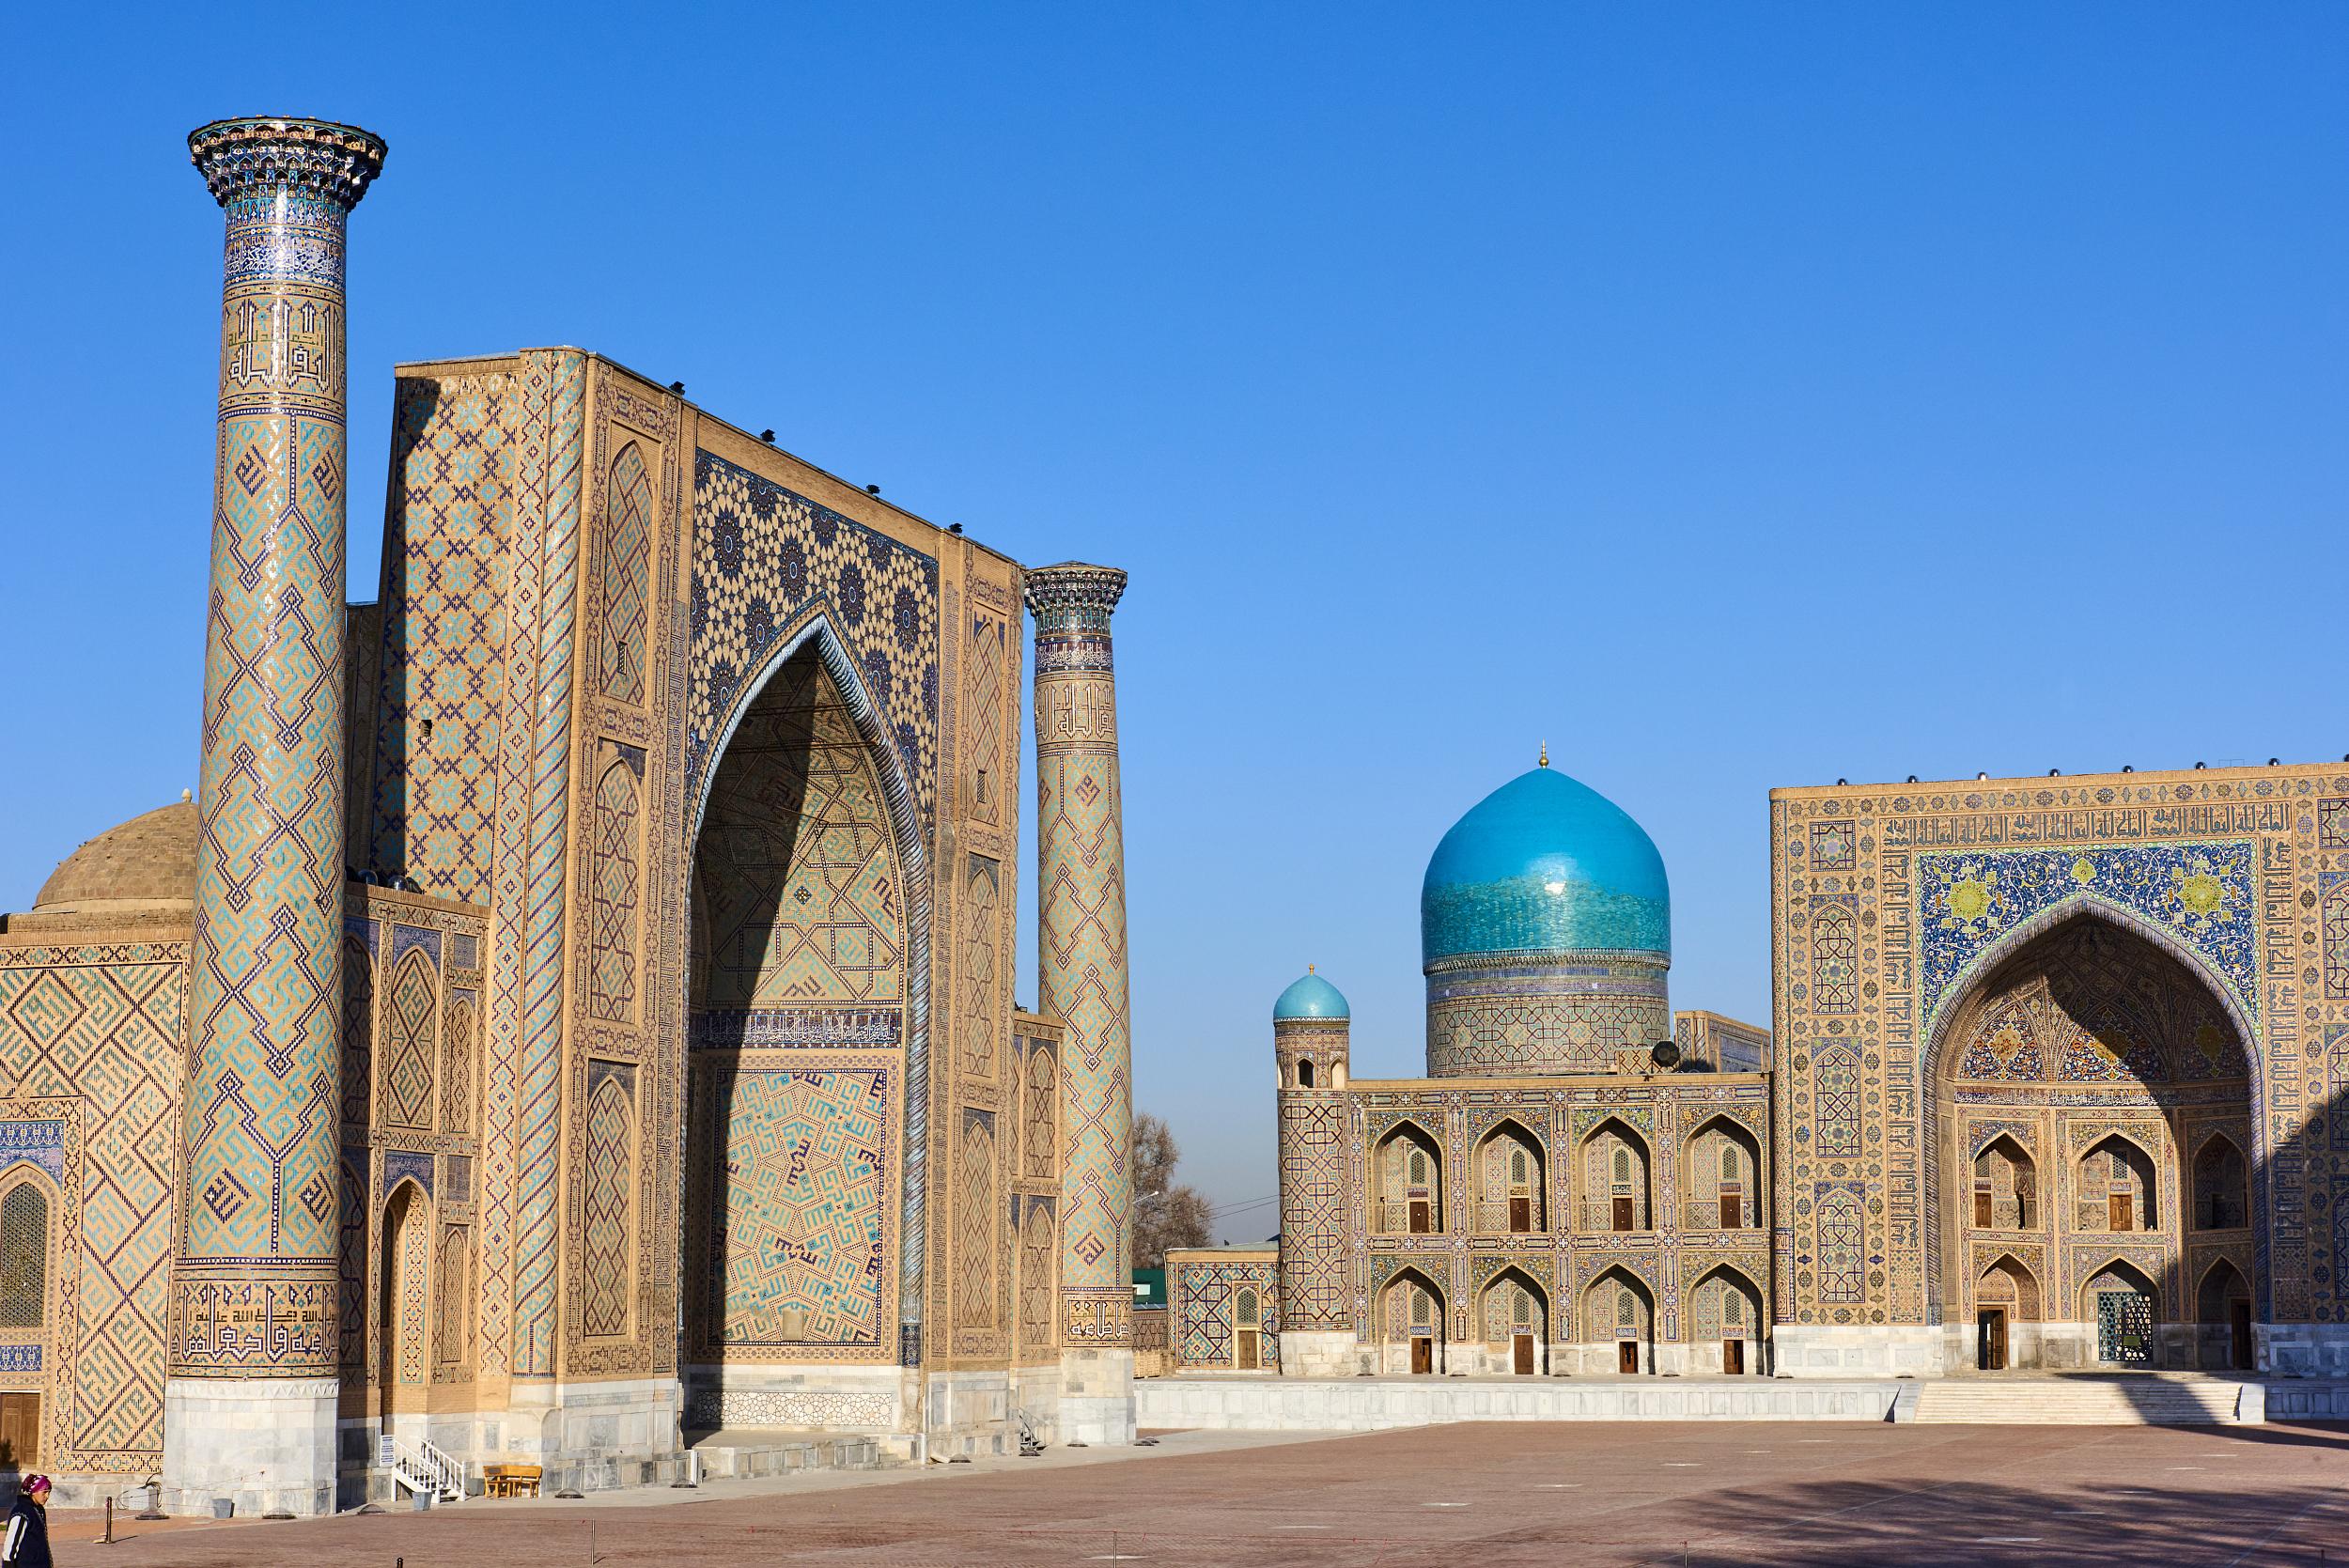 小众中亚之乌兹别克斯坦:《射雕英雄传》里描写过的地方